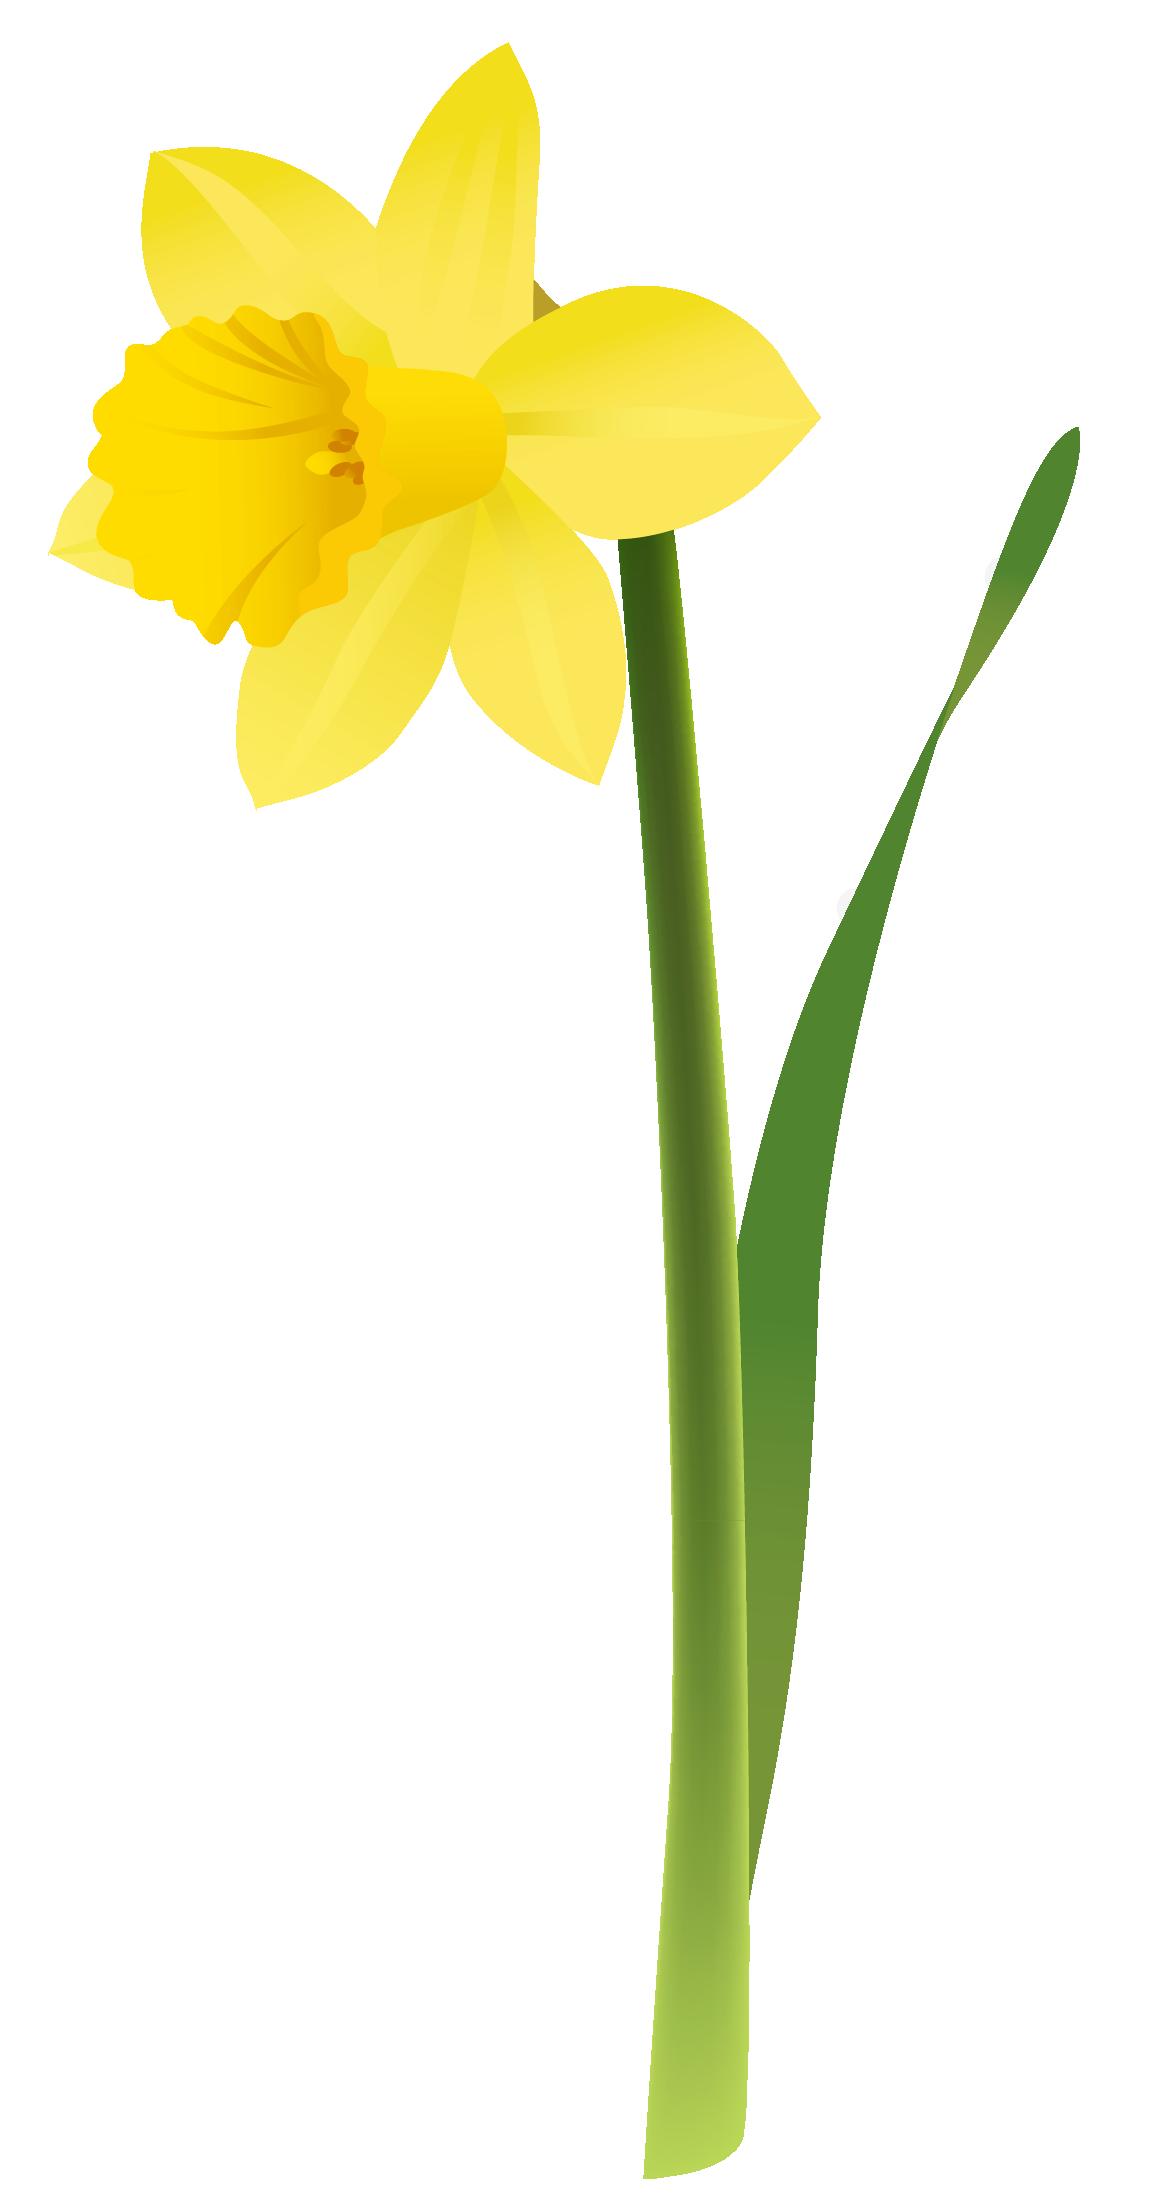 Daffodil clipart Free Tattoos Pinterest Daffodil Cliparts